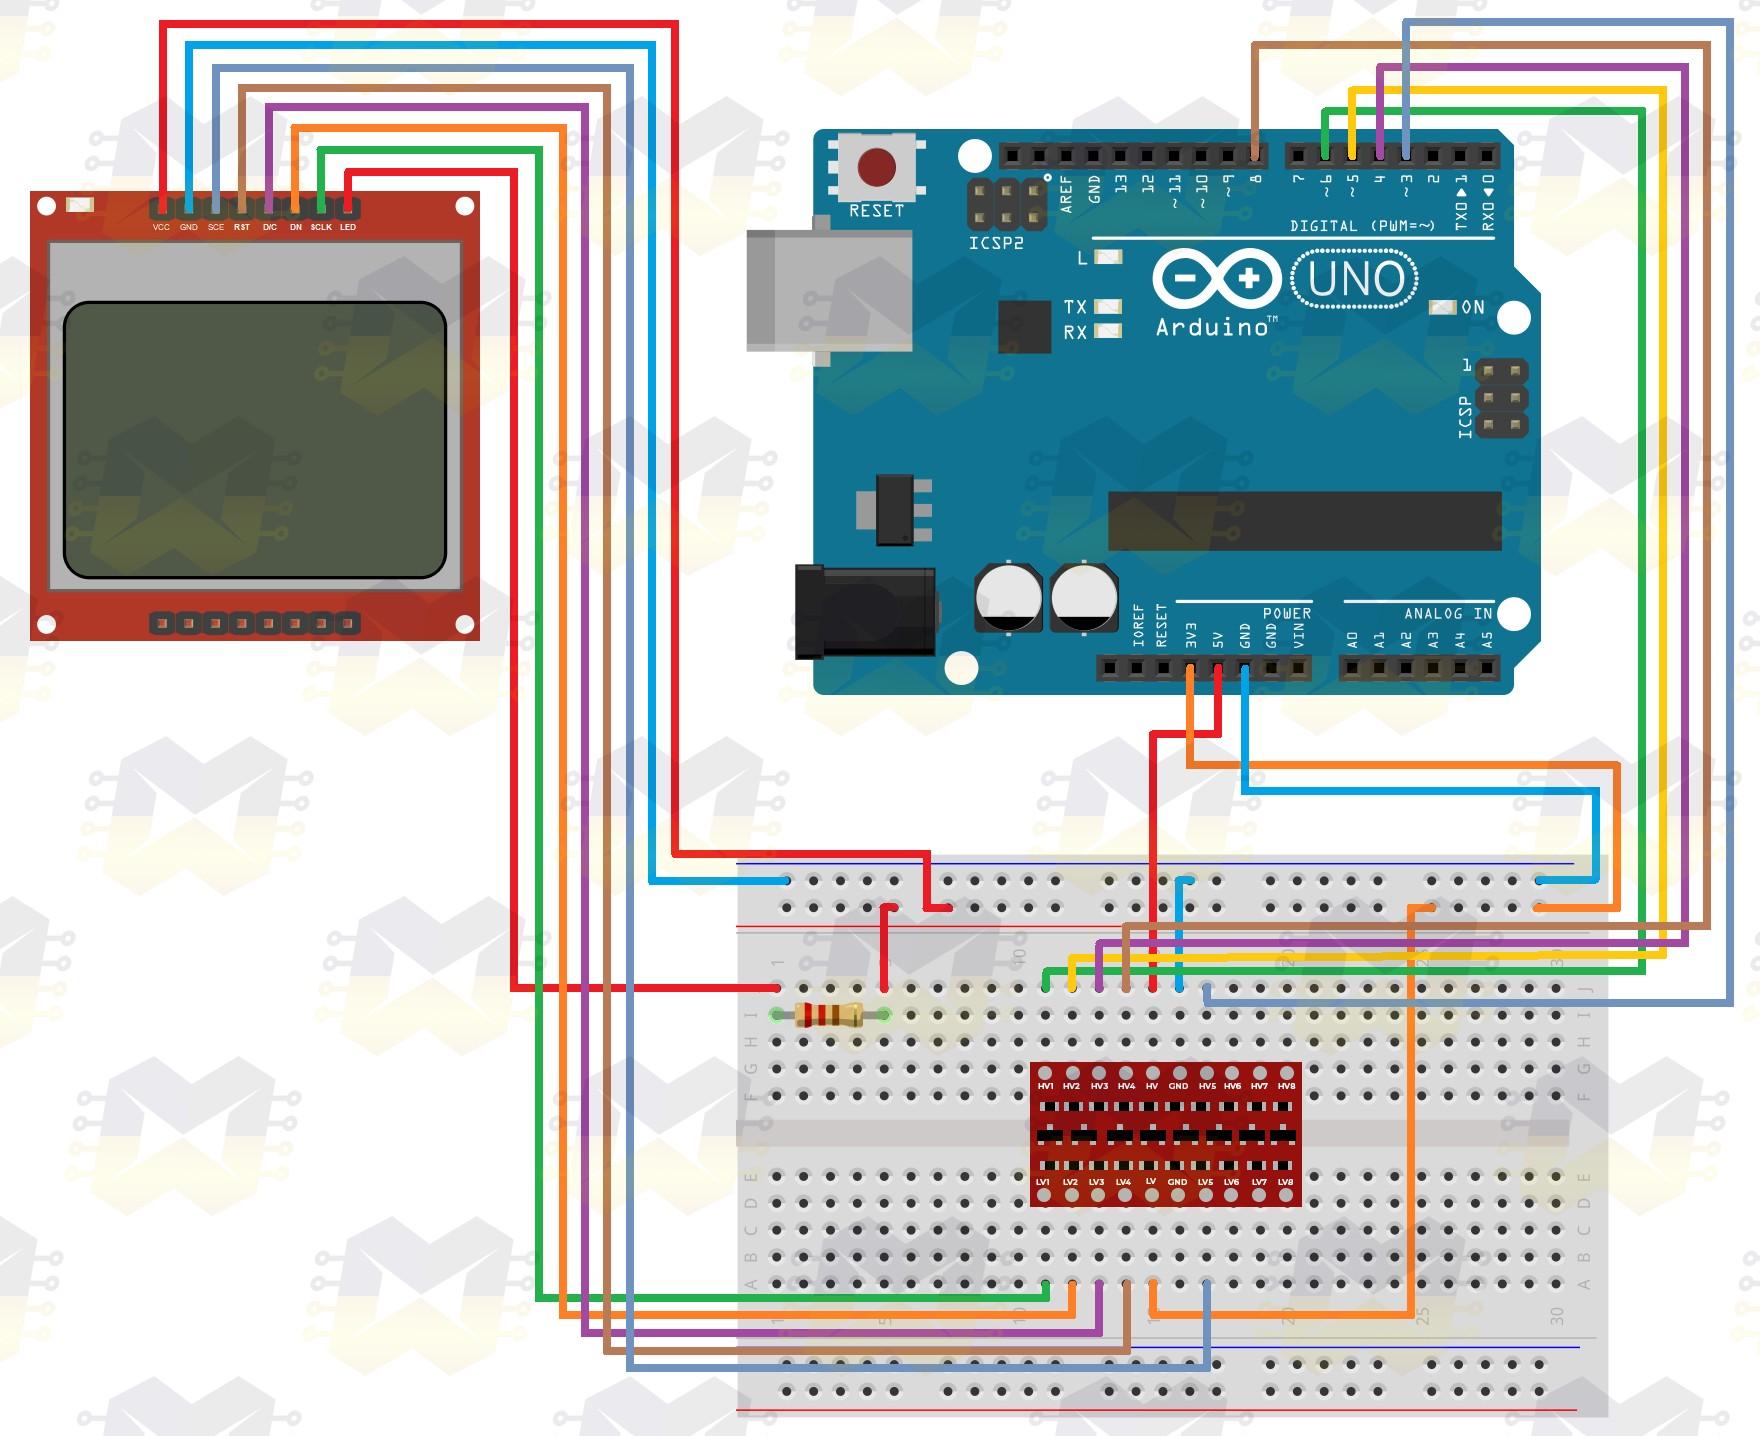 img01_como_usar_com_arduino_-_display_lcd_84x48_nokia_5110_3.3v_5v_conversor_nivel_logico_divisor_tensao_vermelho_azul_resistor